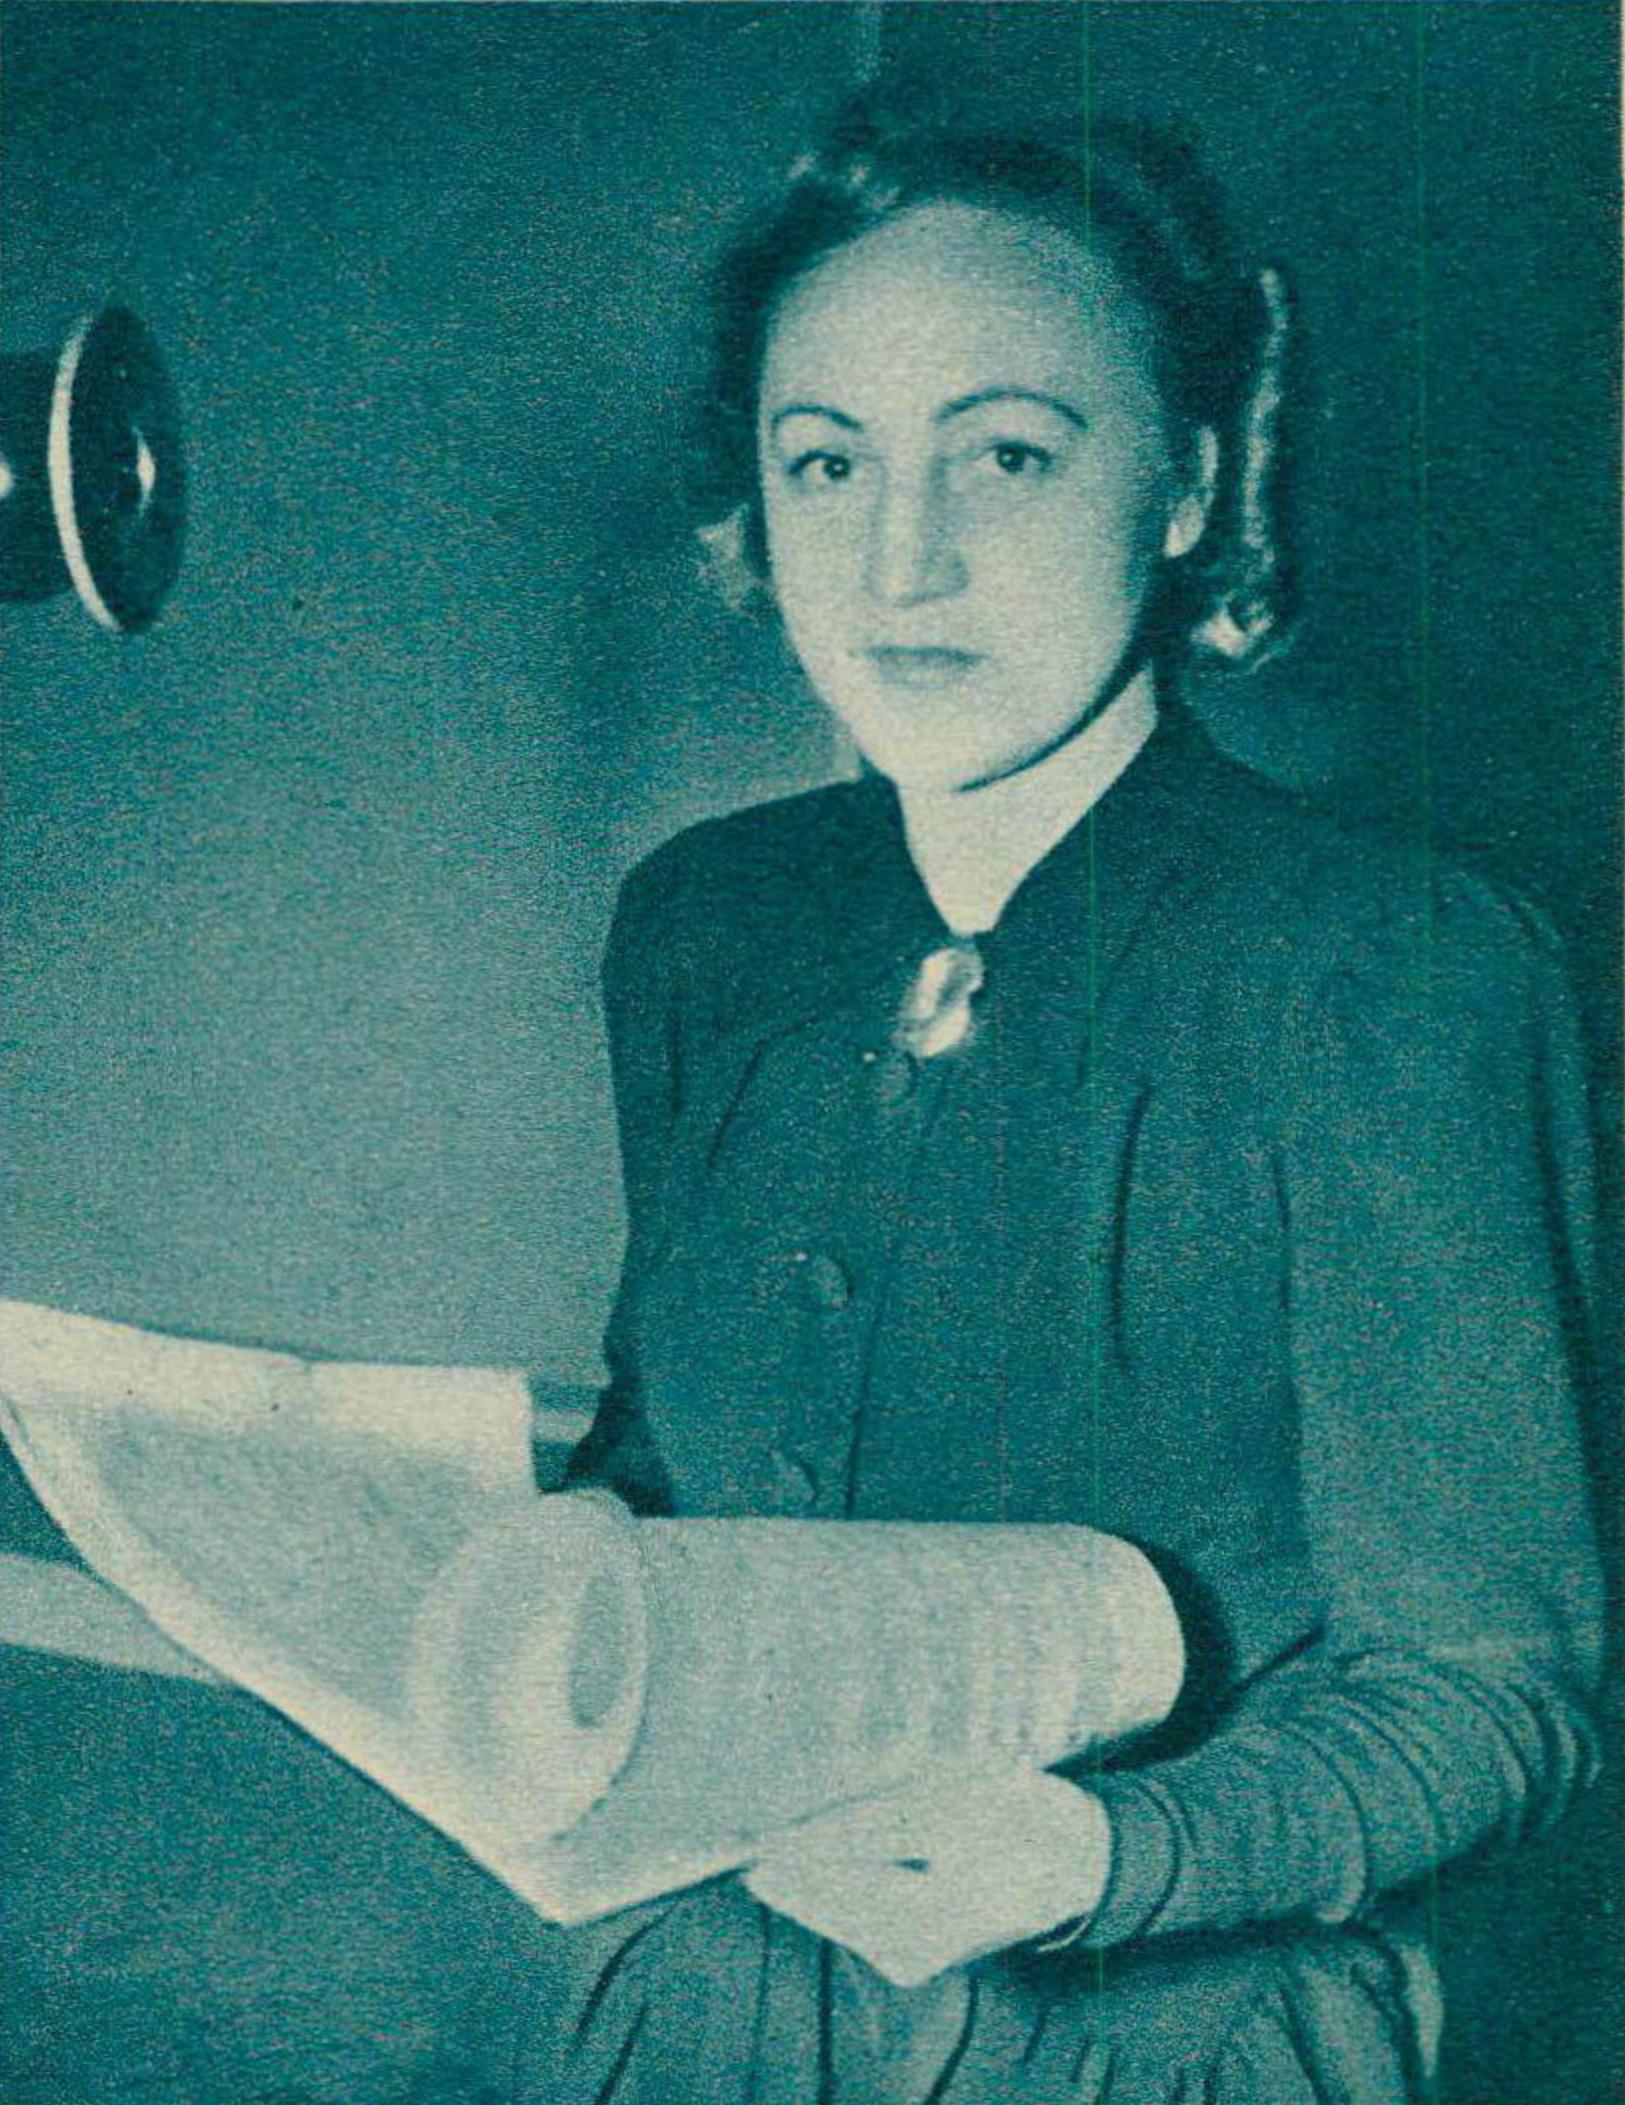 Flore WEND vers 1942, un portrait publié entre autres dans Radio Actualités du 20 novembre 1942, No 47, page 1481, cliquer pour une vue agrandie